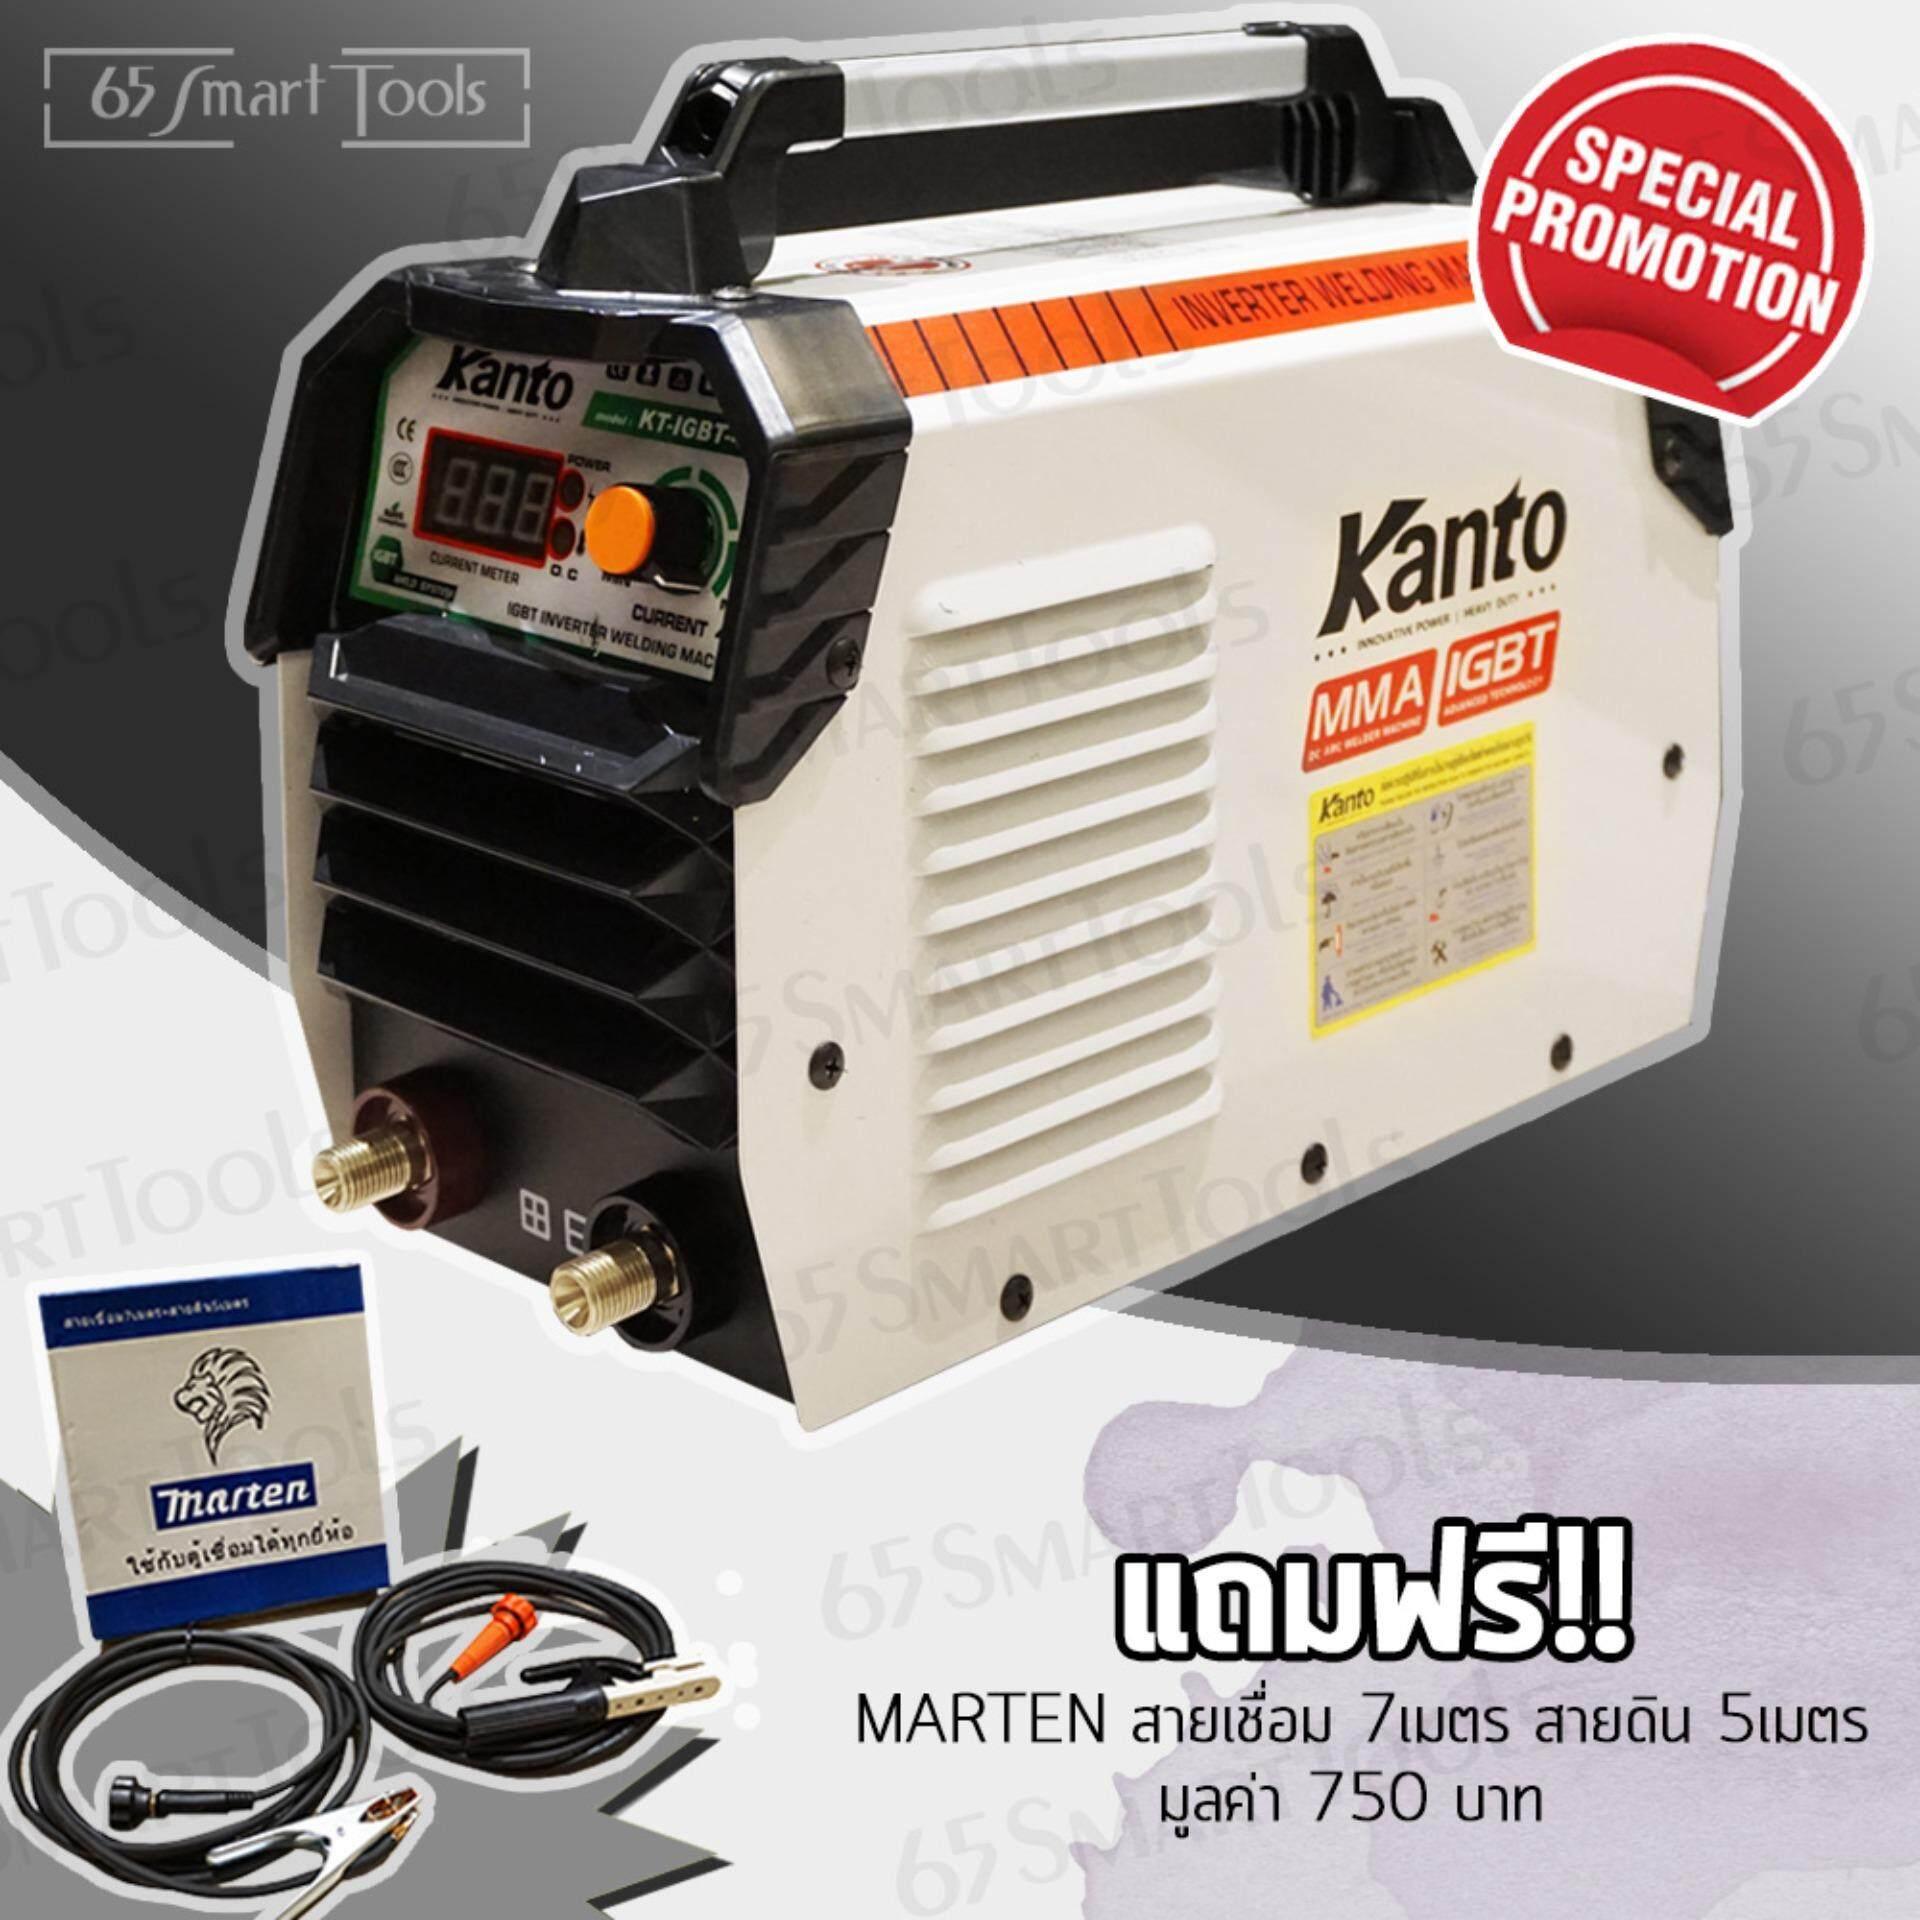 KANTO ตู้เชื่อม Inverter IGBT 400A รุ่น MMA-400 (รุ่นงานหนักที่สุด) แถมฟรี! Marten สายเชื่อม 7 m สายดิน 5 m